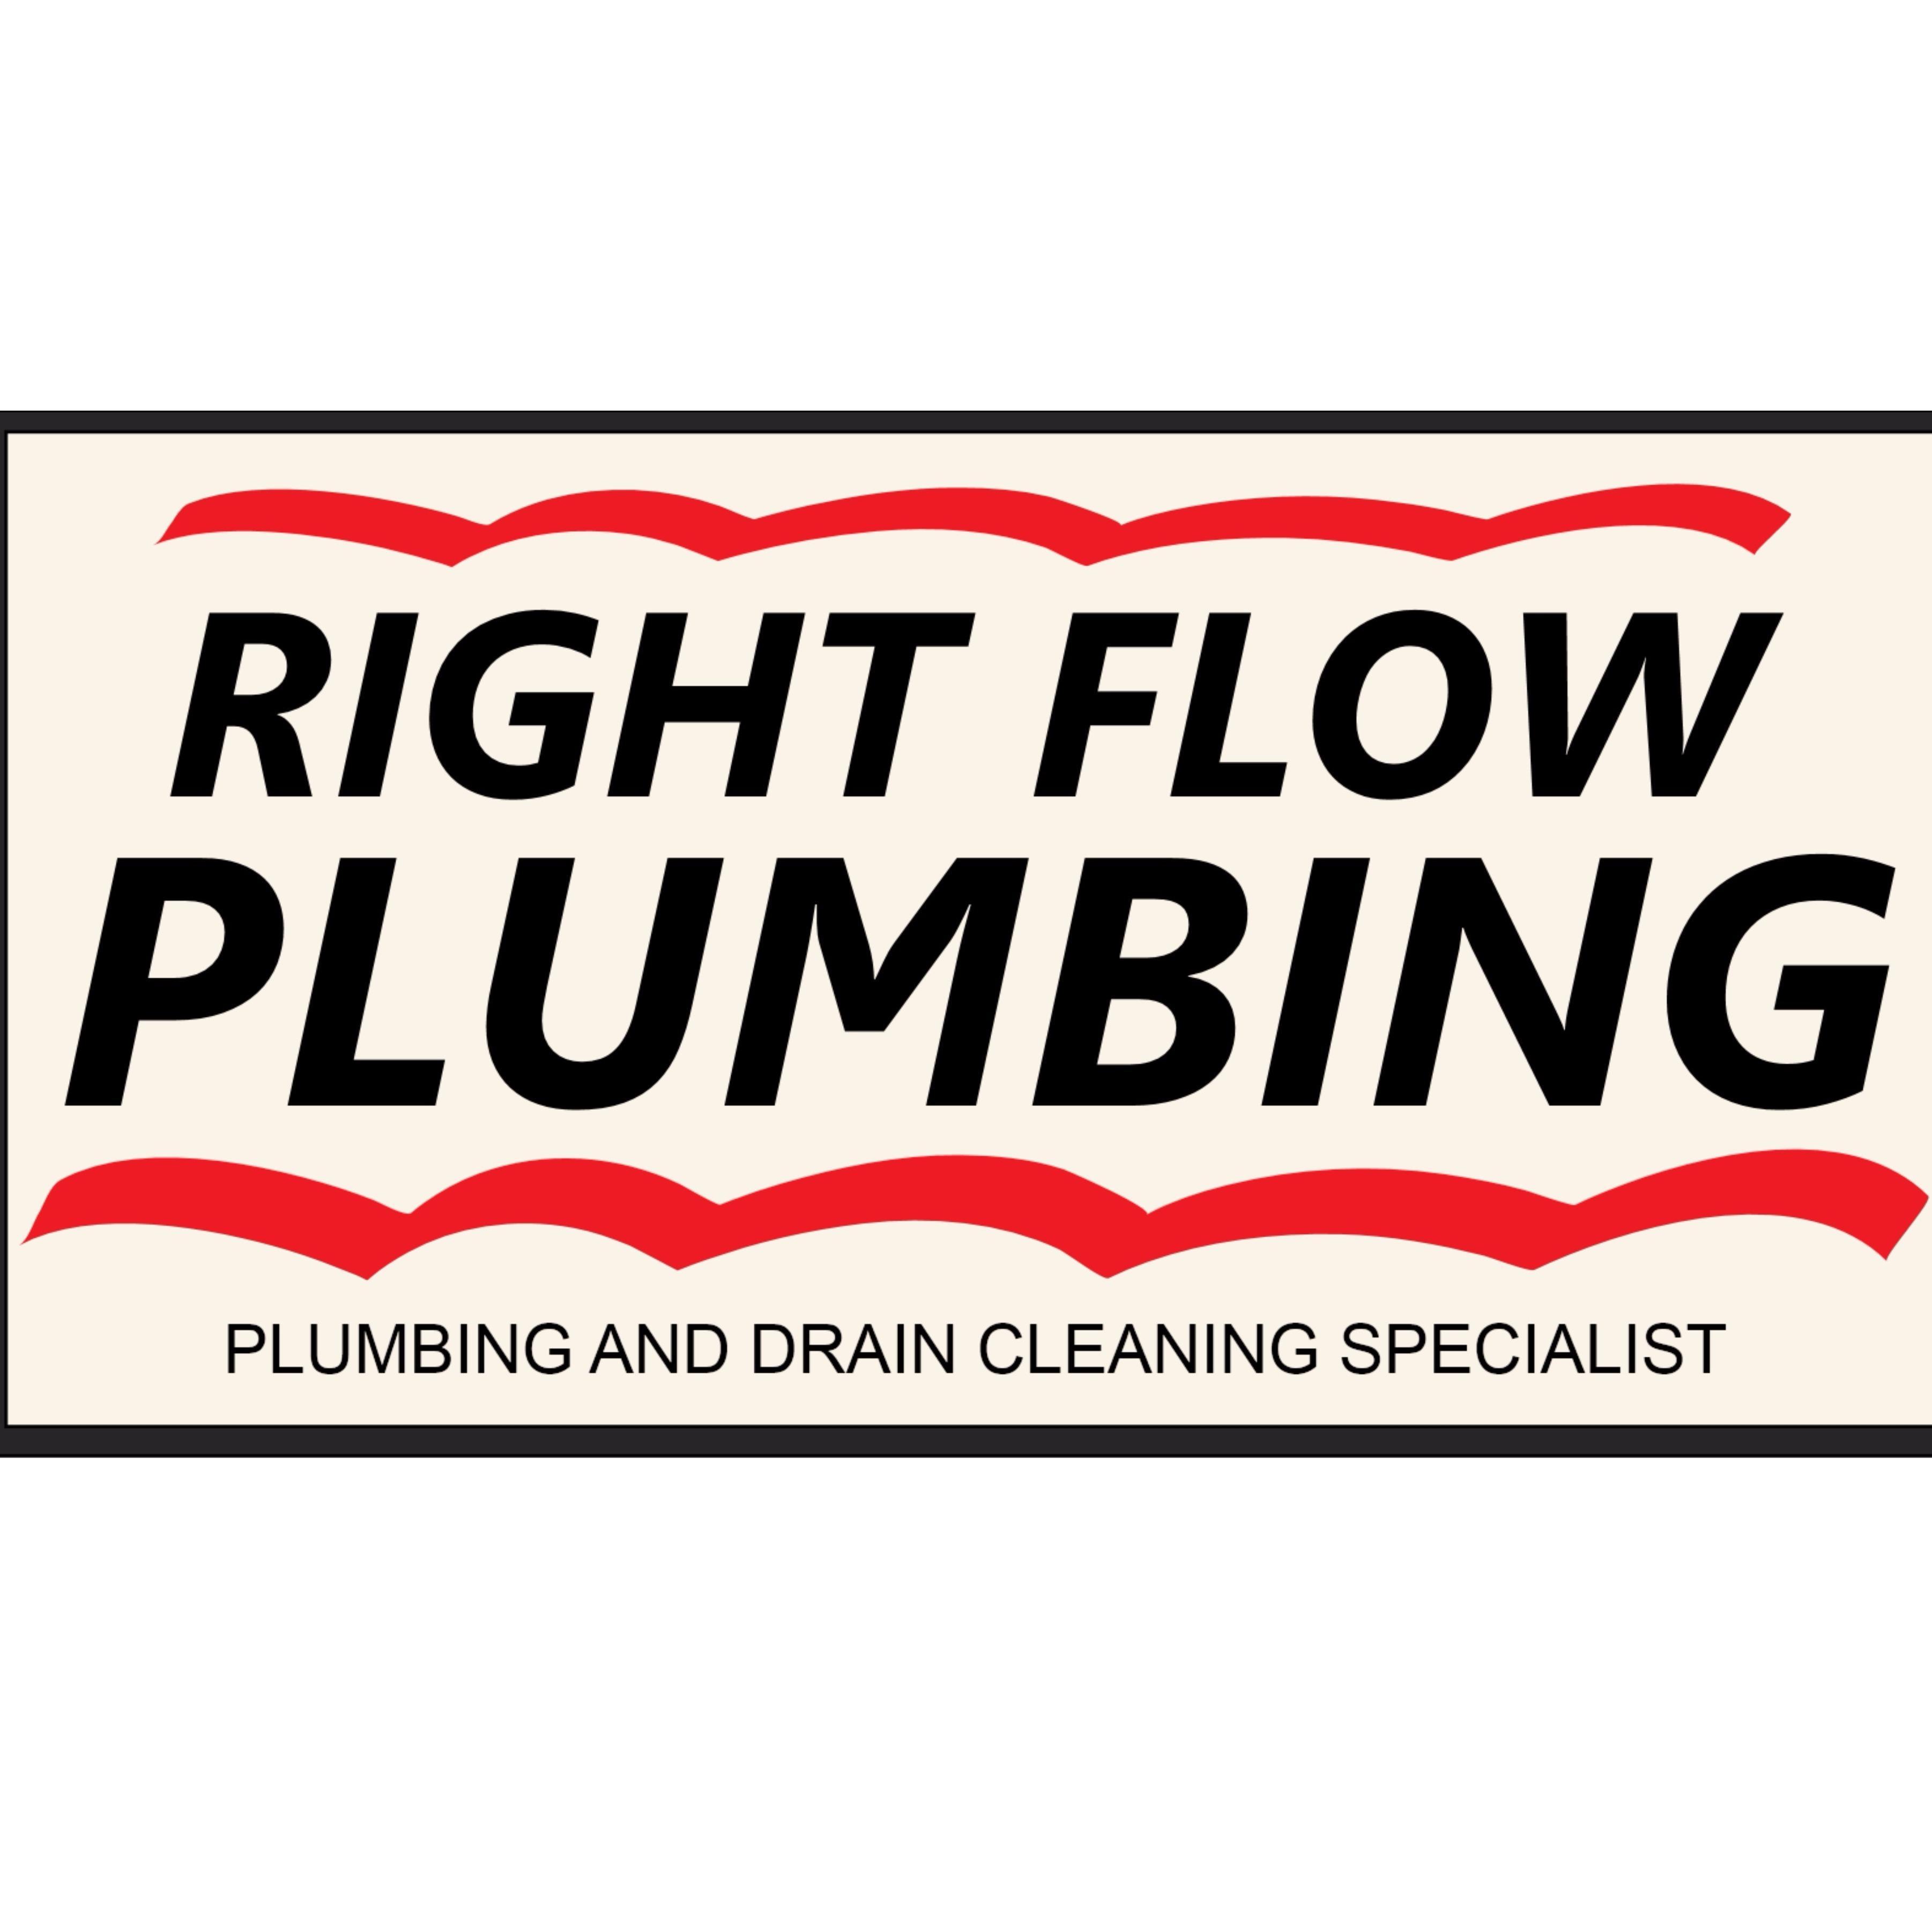 Right Flow Plumbing